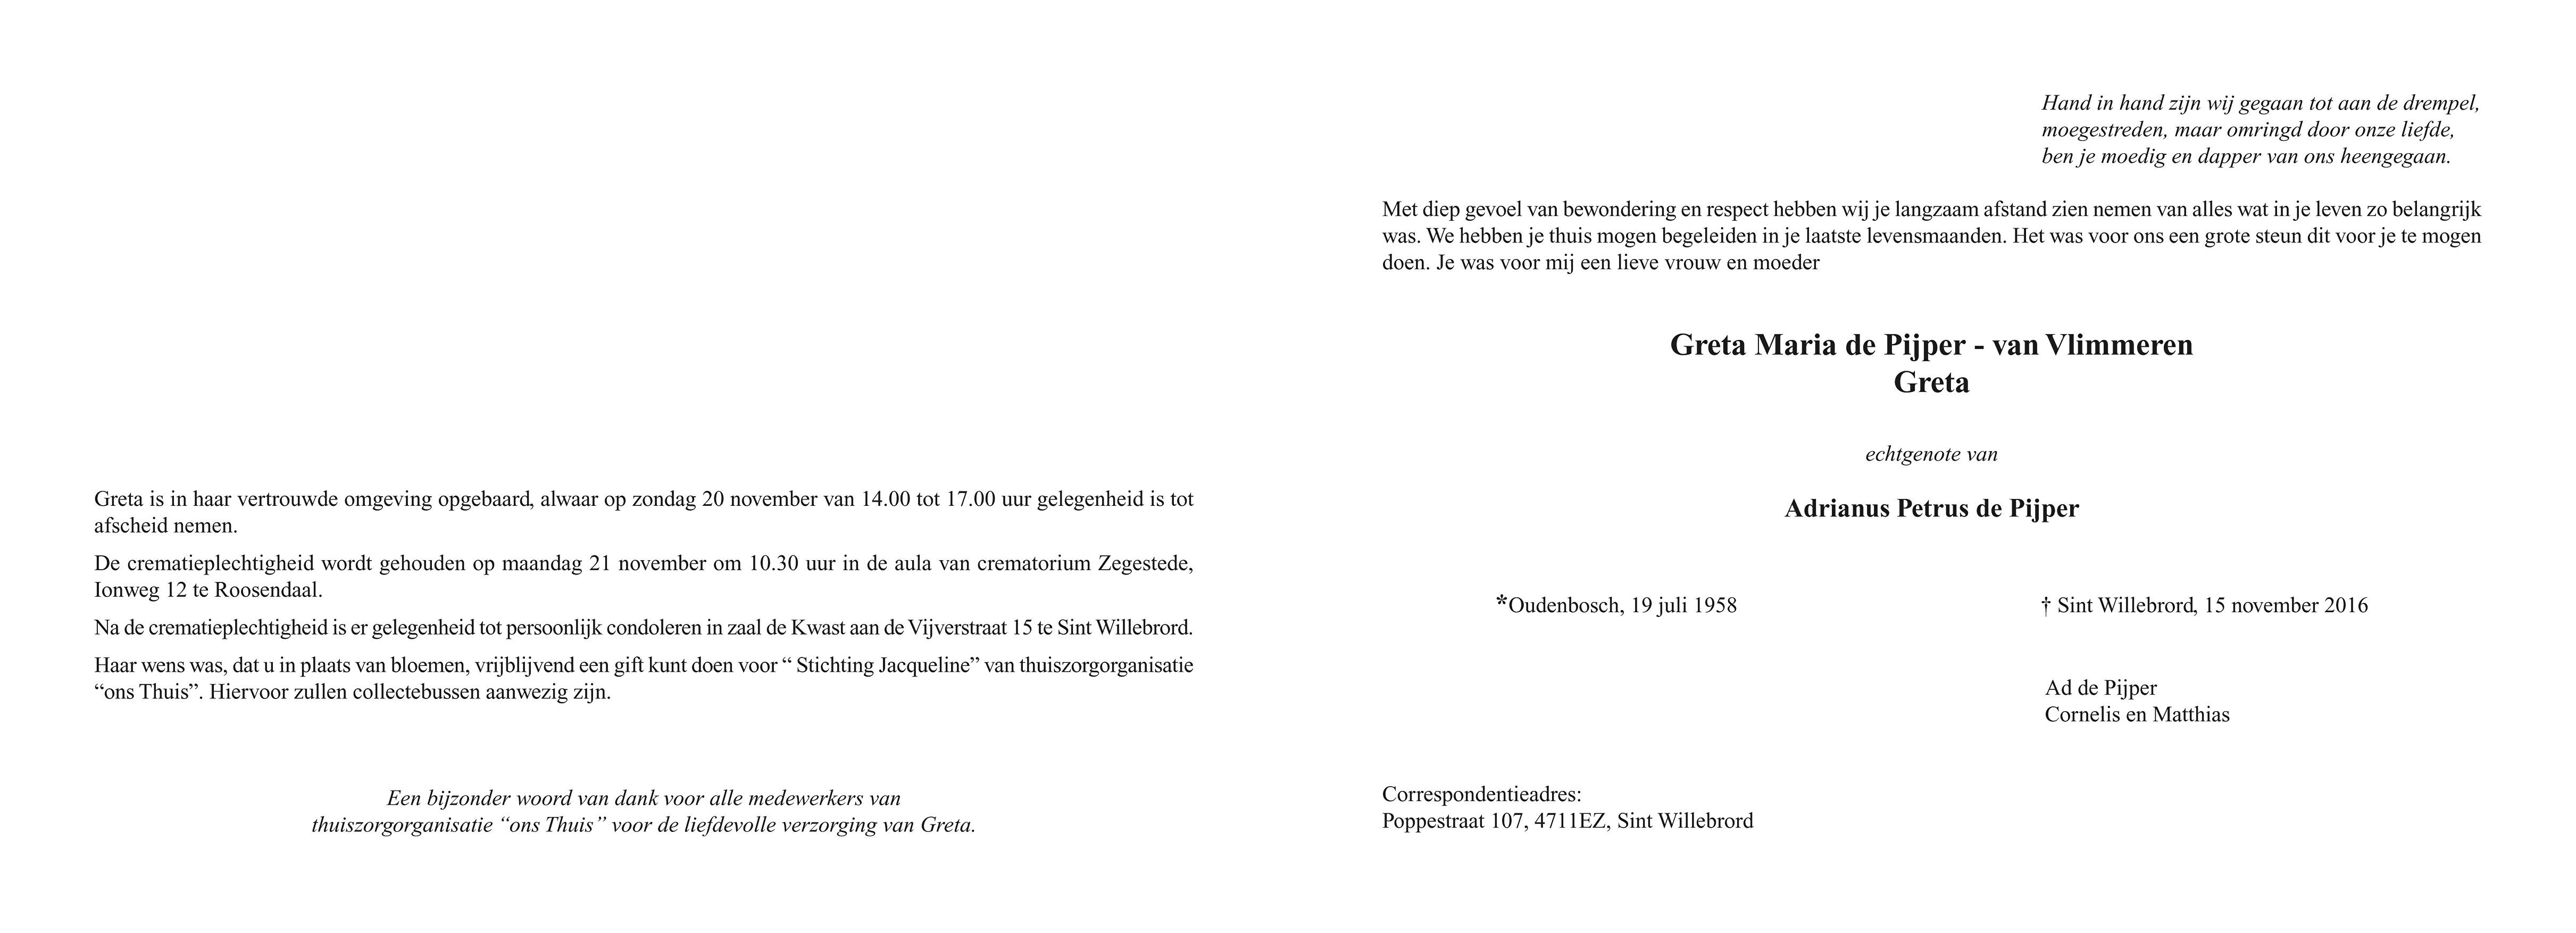 Greta de Pijper - van Vlimmeren Death notice